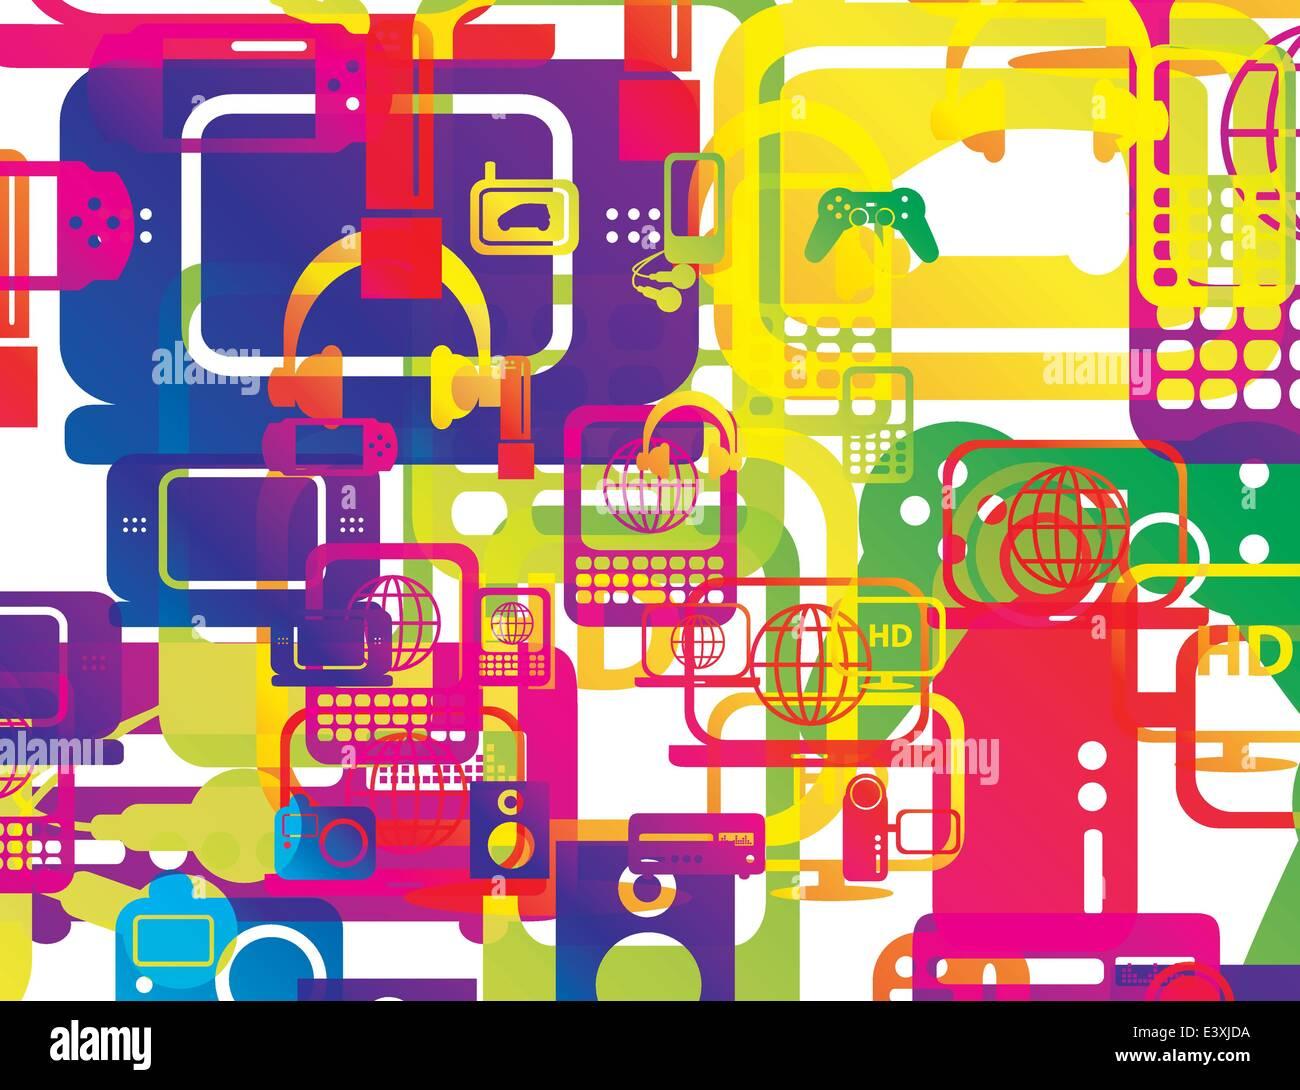 Vektor-Illustration aus einer Auswahl an Computer- und Technologie Hardware geschichtet und multipliziert, um einen Stockbild